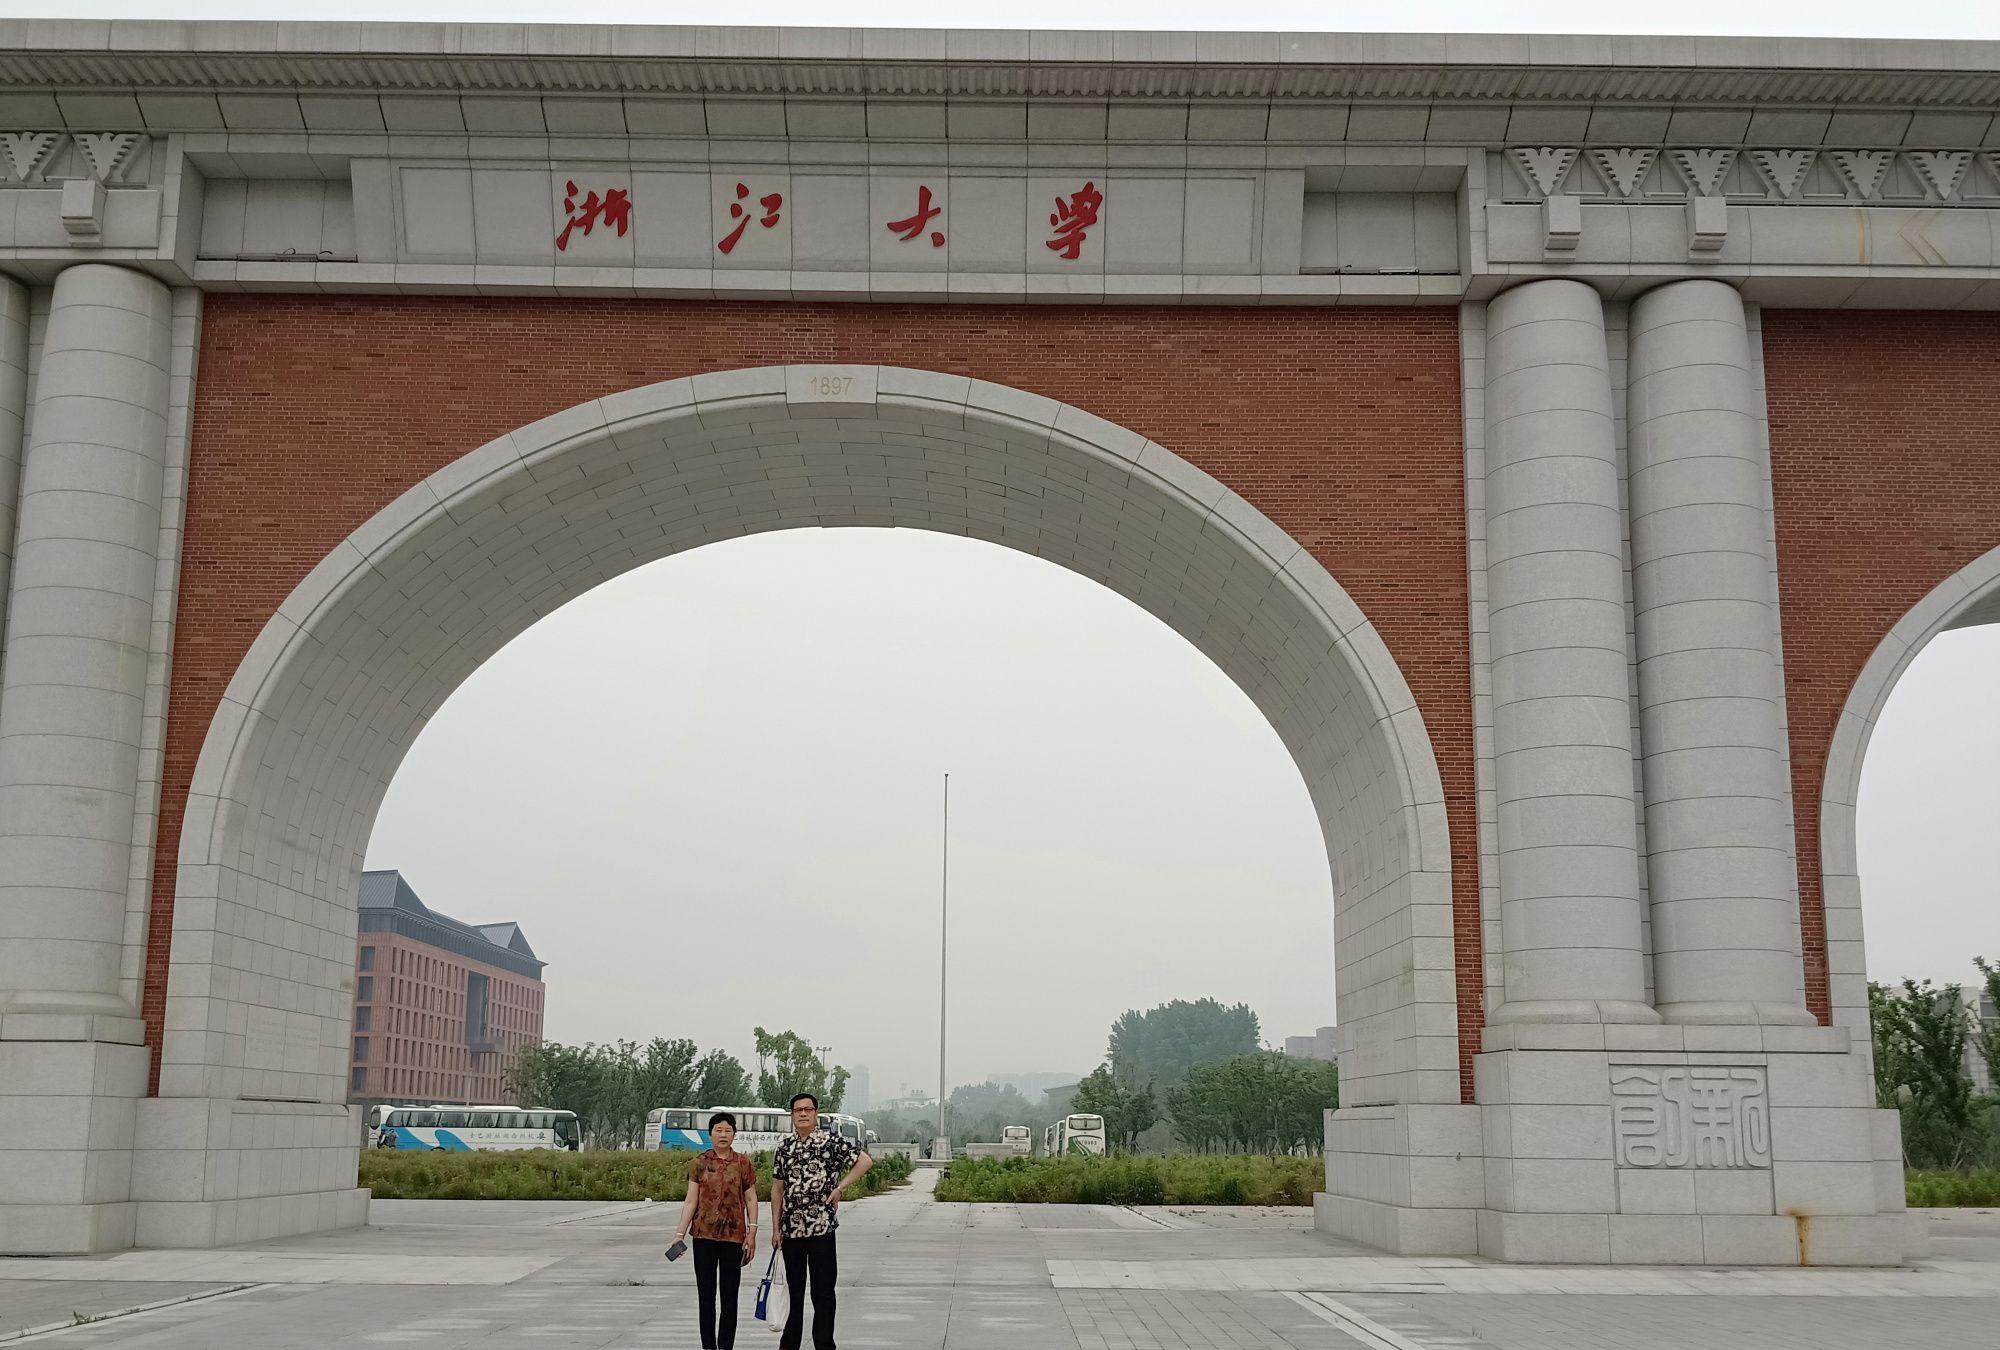 我和爸妈逛浙江大学紫金港校区,校园优美似江南水乡鲜花小桥流水